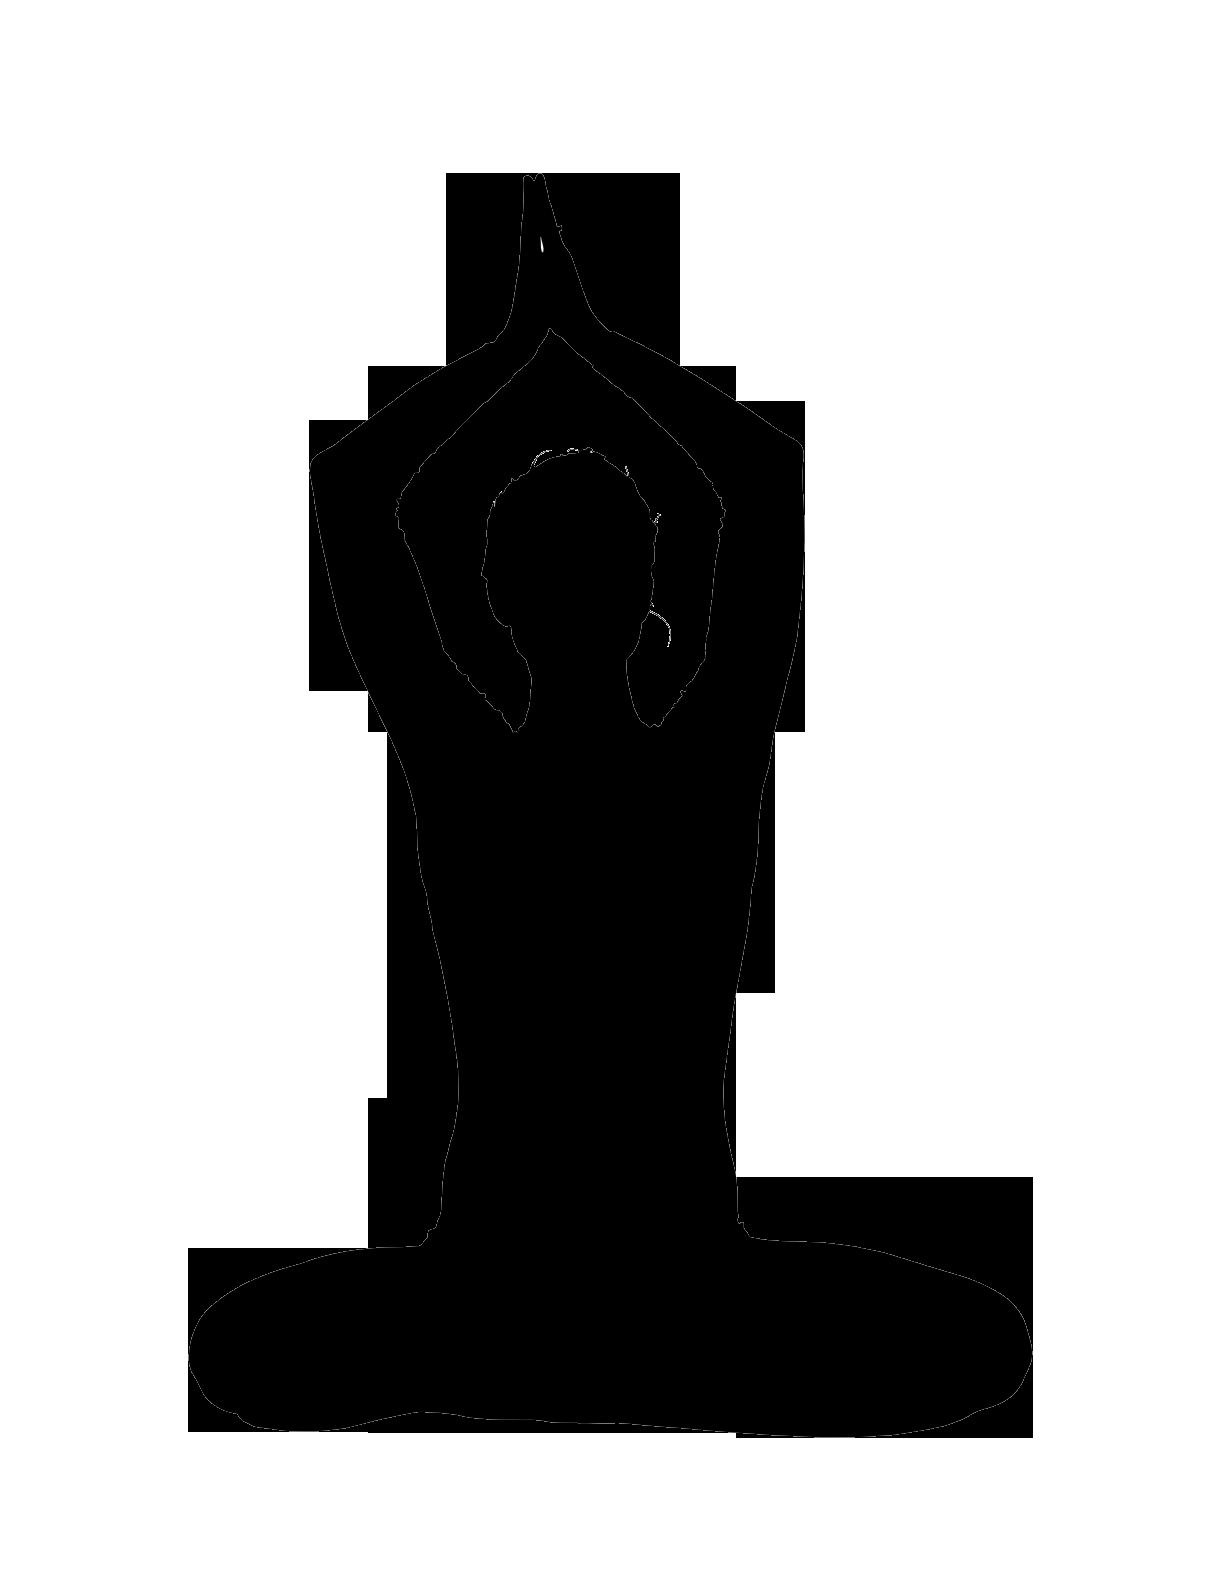 Patience clipart yoga. Moksha wikipedia moka is